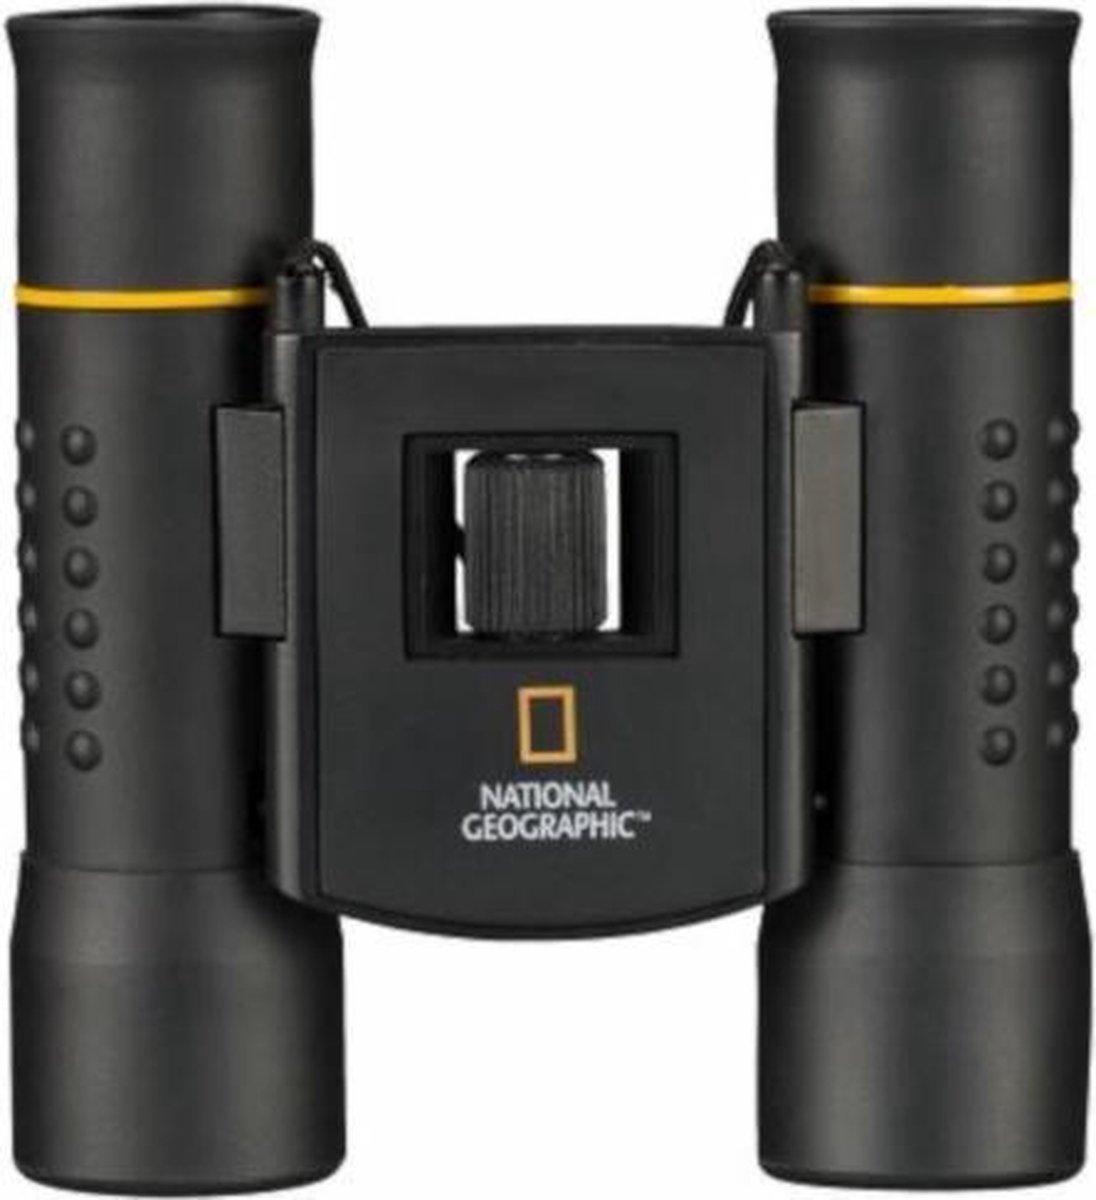 National Geographic Opvouwbare Verrekijker - 10x25 - Pocket